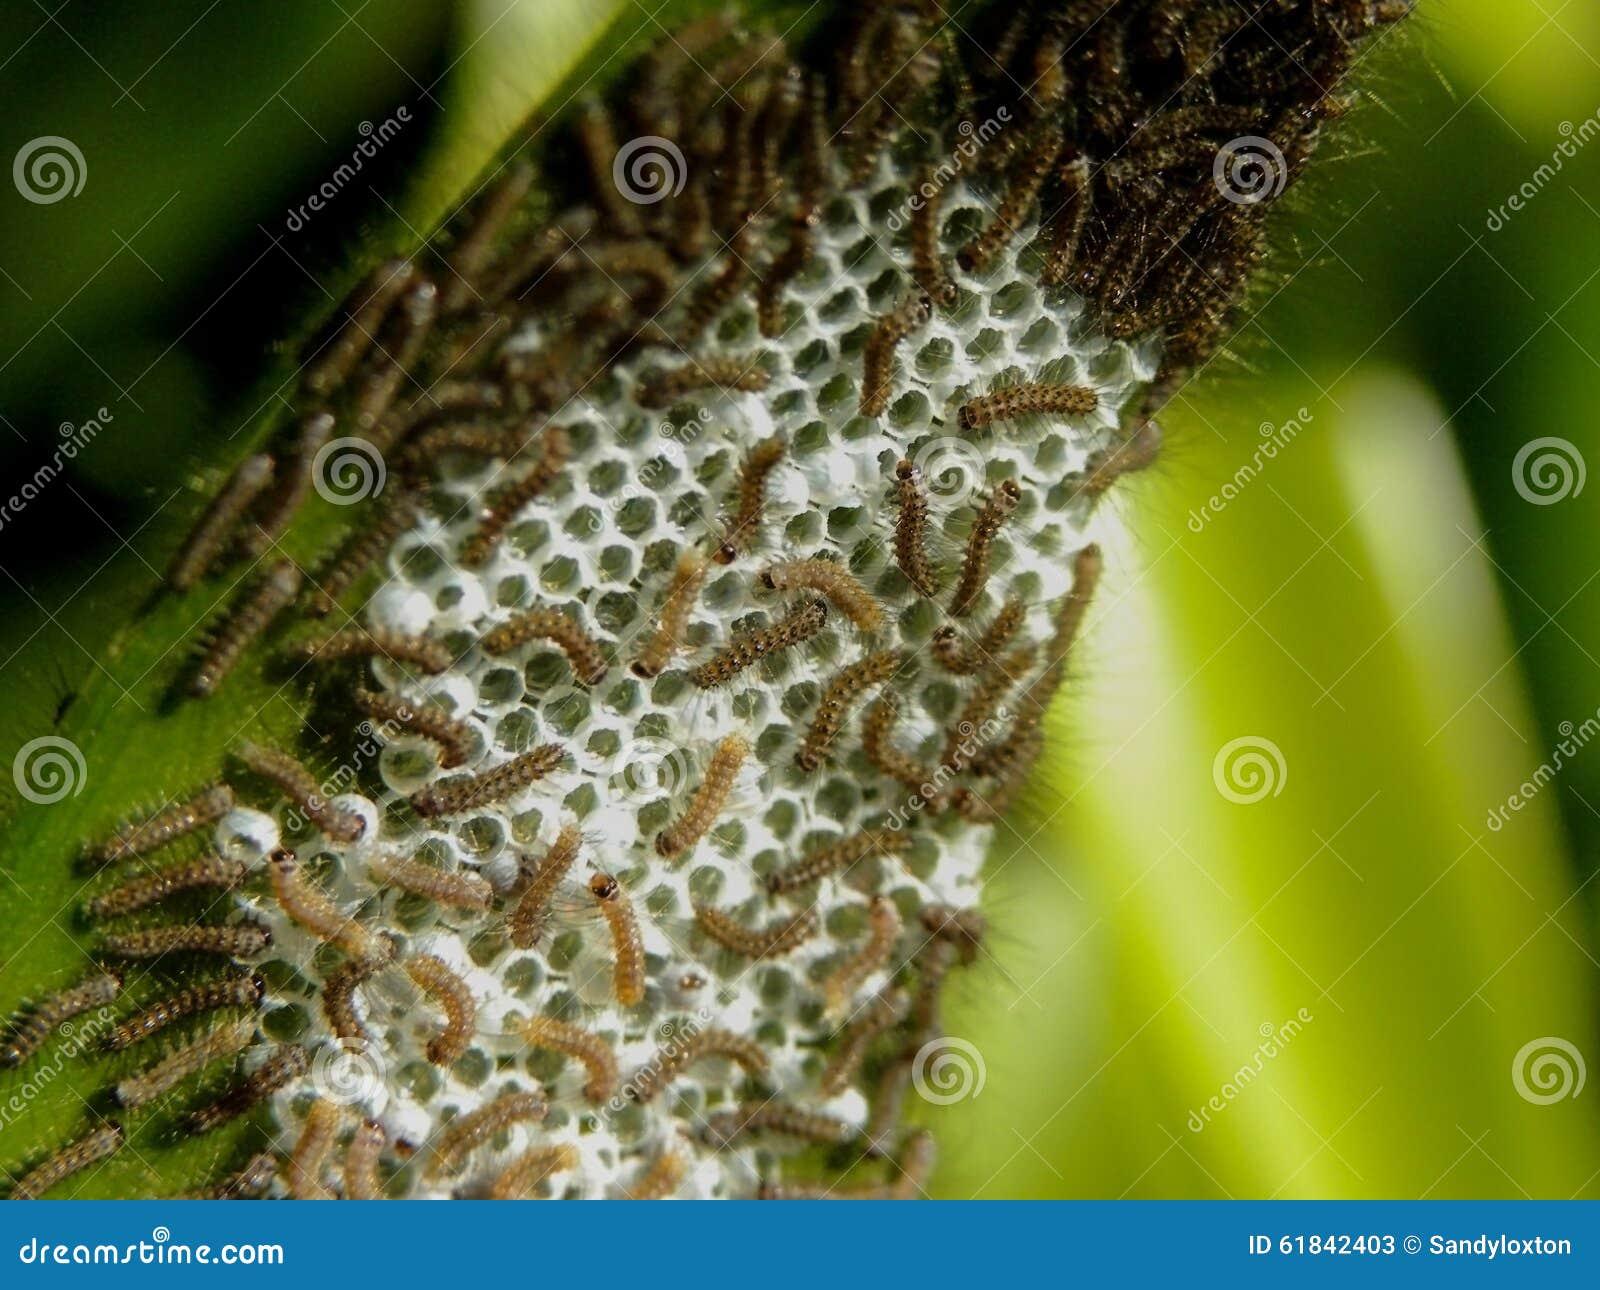 Hachure des larves de couleur tri 1 de mite de tigre image - Larve de mite ...